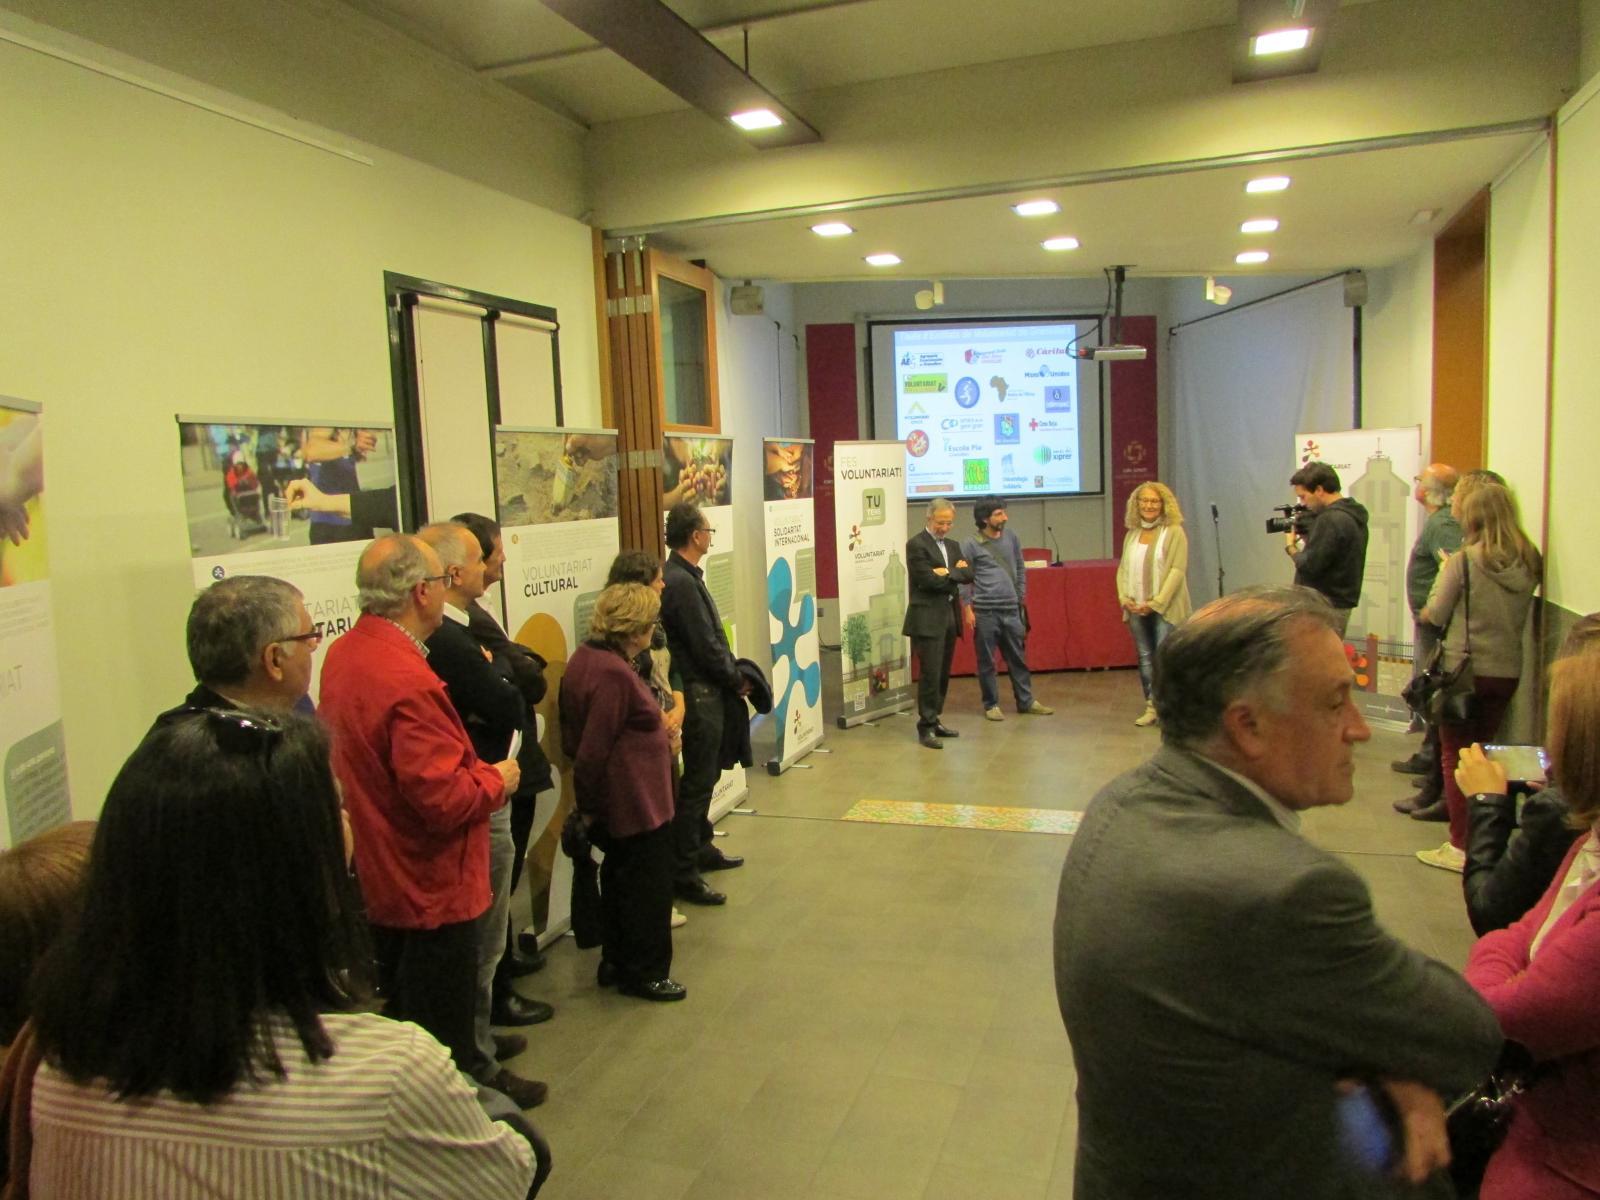 Un moment de la presentació de l'exposició sobre voluntariat, que es pot visitar fins a final de mes a Can Jonch